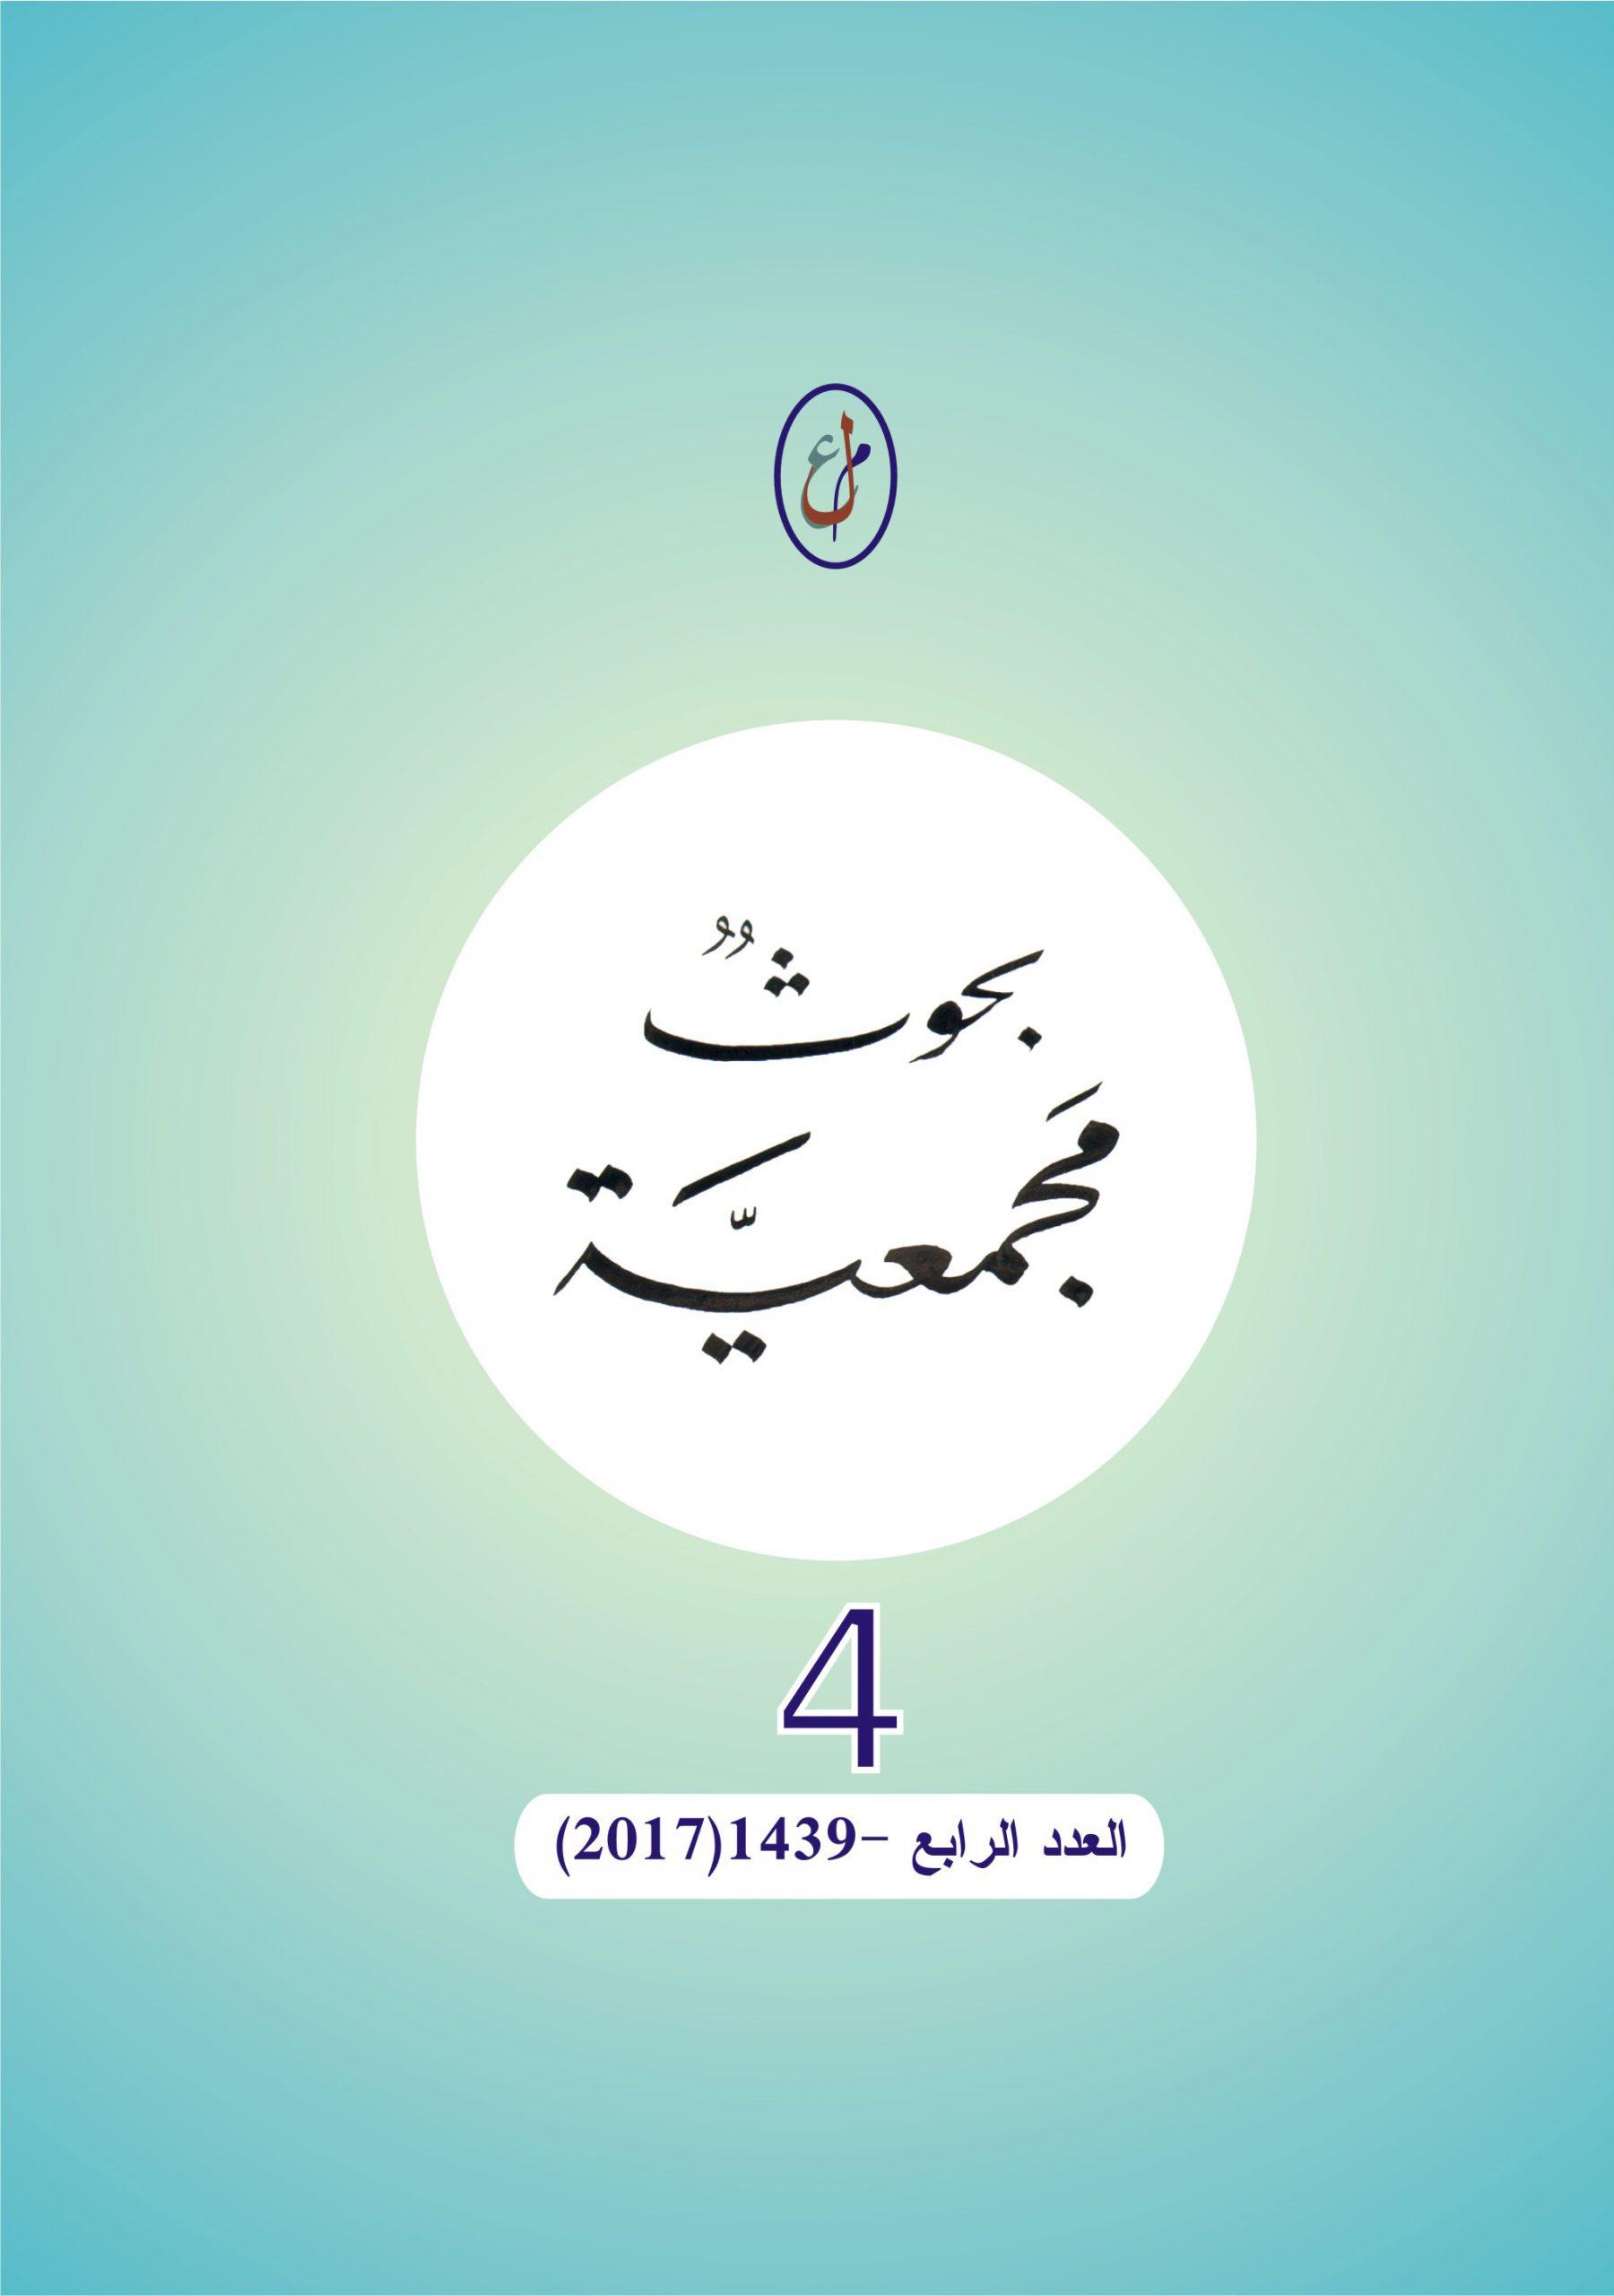 مجمع اللغة العربية الليبي / طرابلس - 1439هــ  (2017)